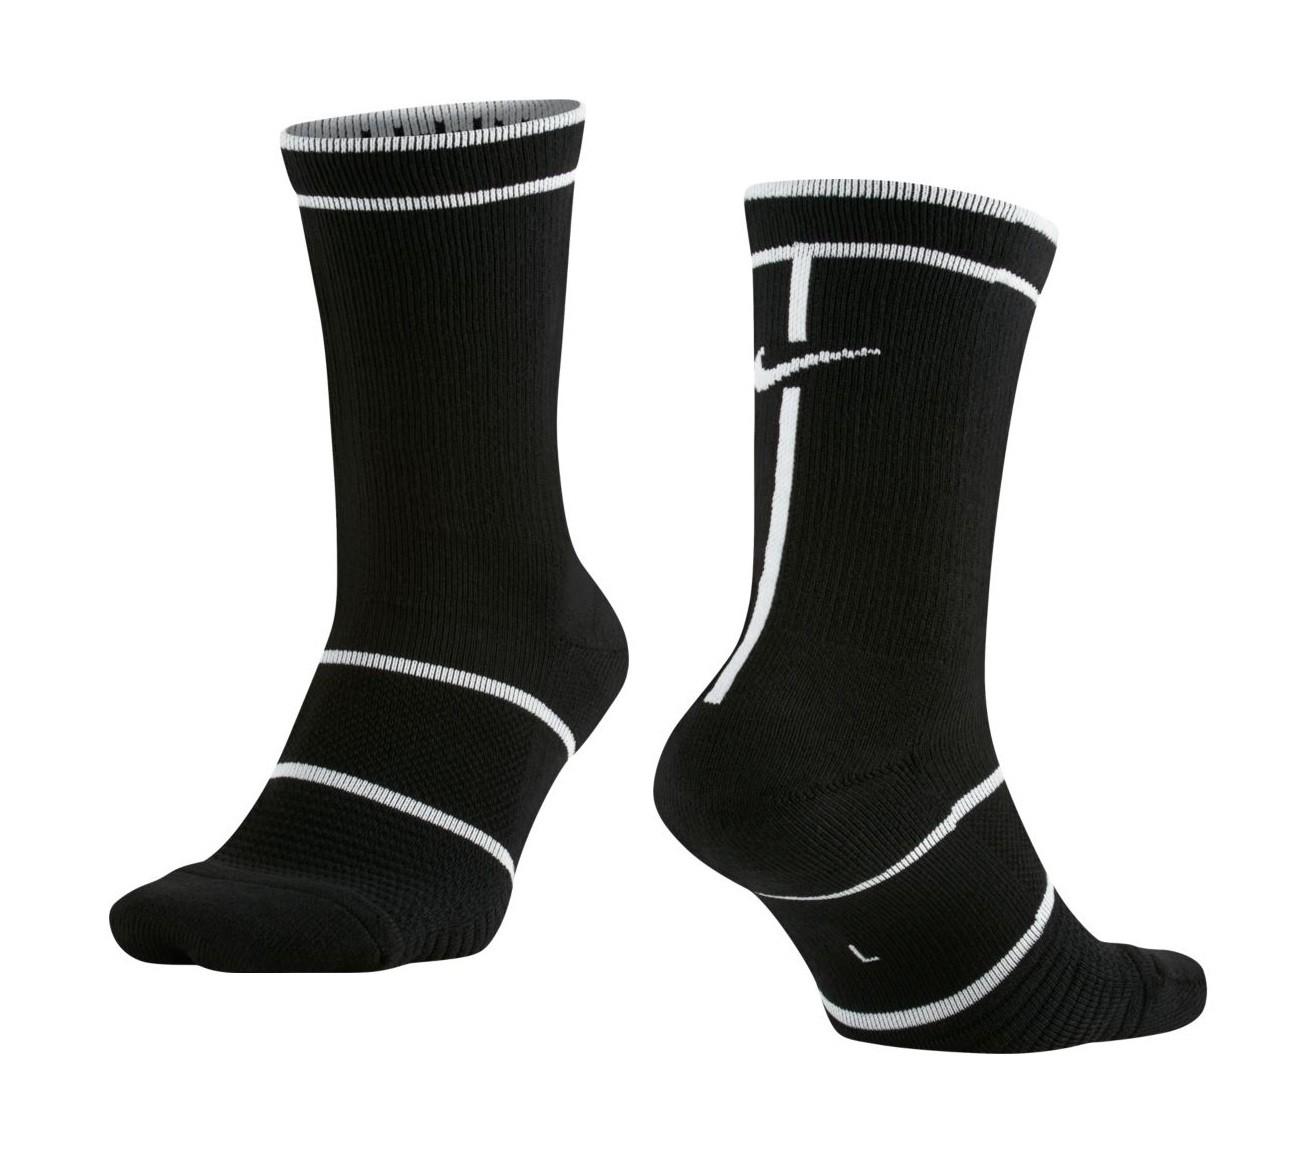 Tenisové ponožky NikeCourt Essentials Crew Tennis Socks SX6913-014 černé 7df7b8f8cd